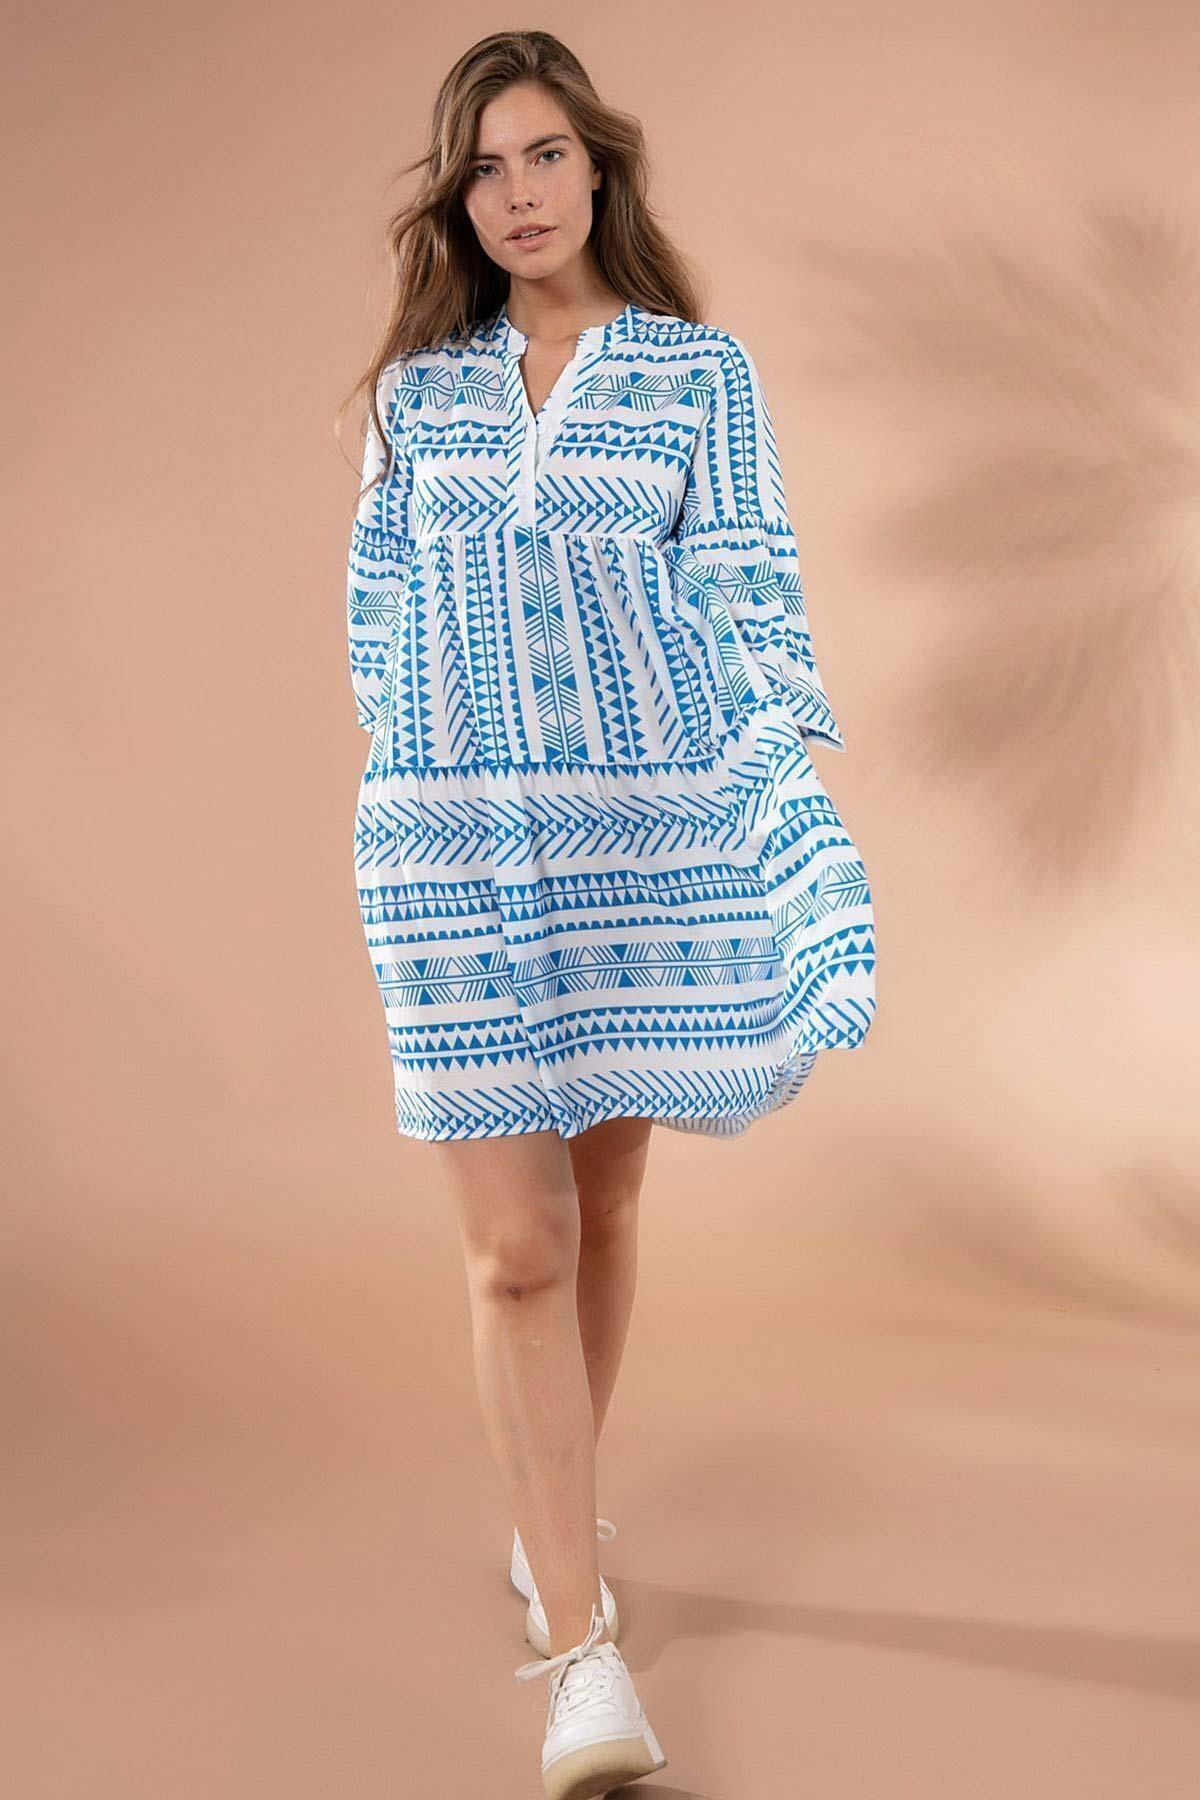 Pattaya Kadın Etnik Desenli Hakim Yaka Mini Elbise Y20s110-1975 1